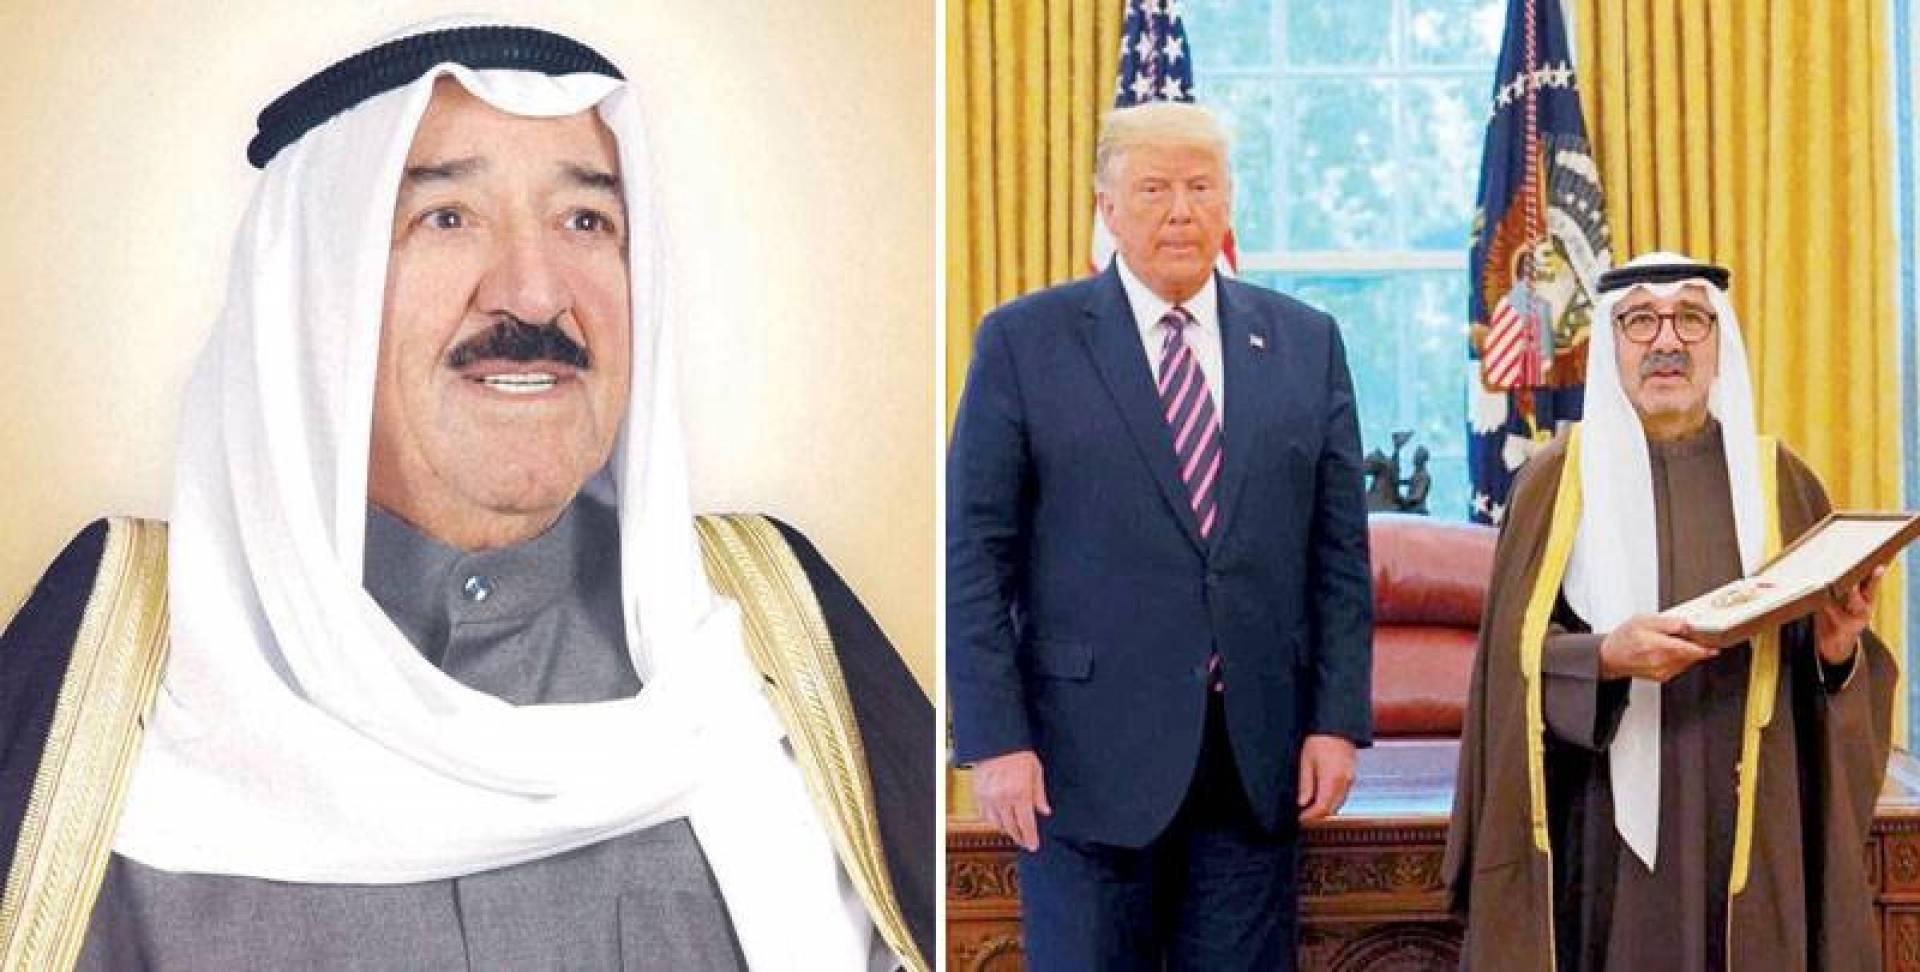 ناصر الصباح نيابة عن سمو الأمير متسلماً وسام الاستحقاق من الرئيس الأميركي